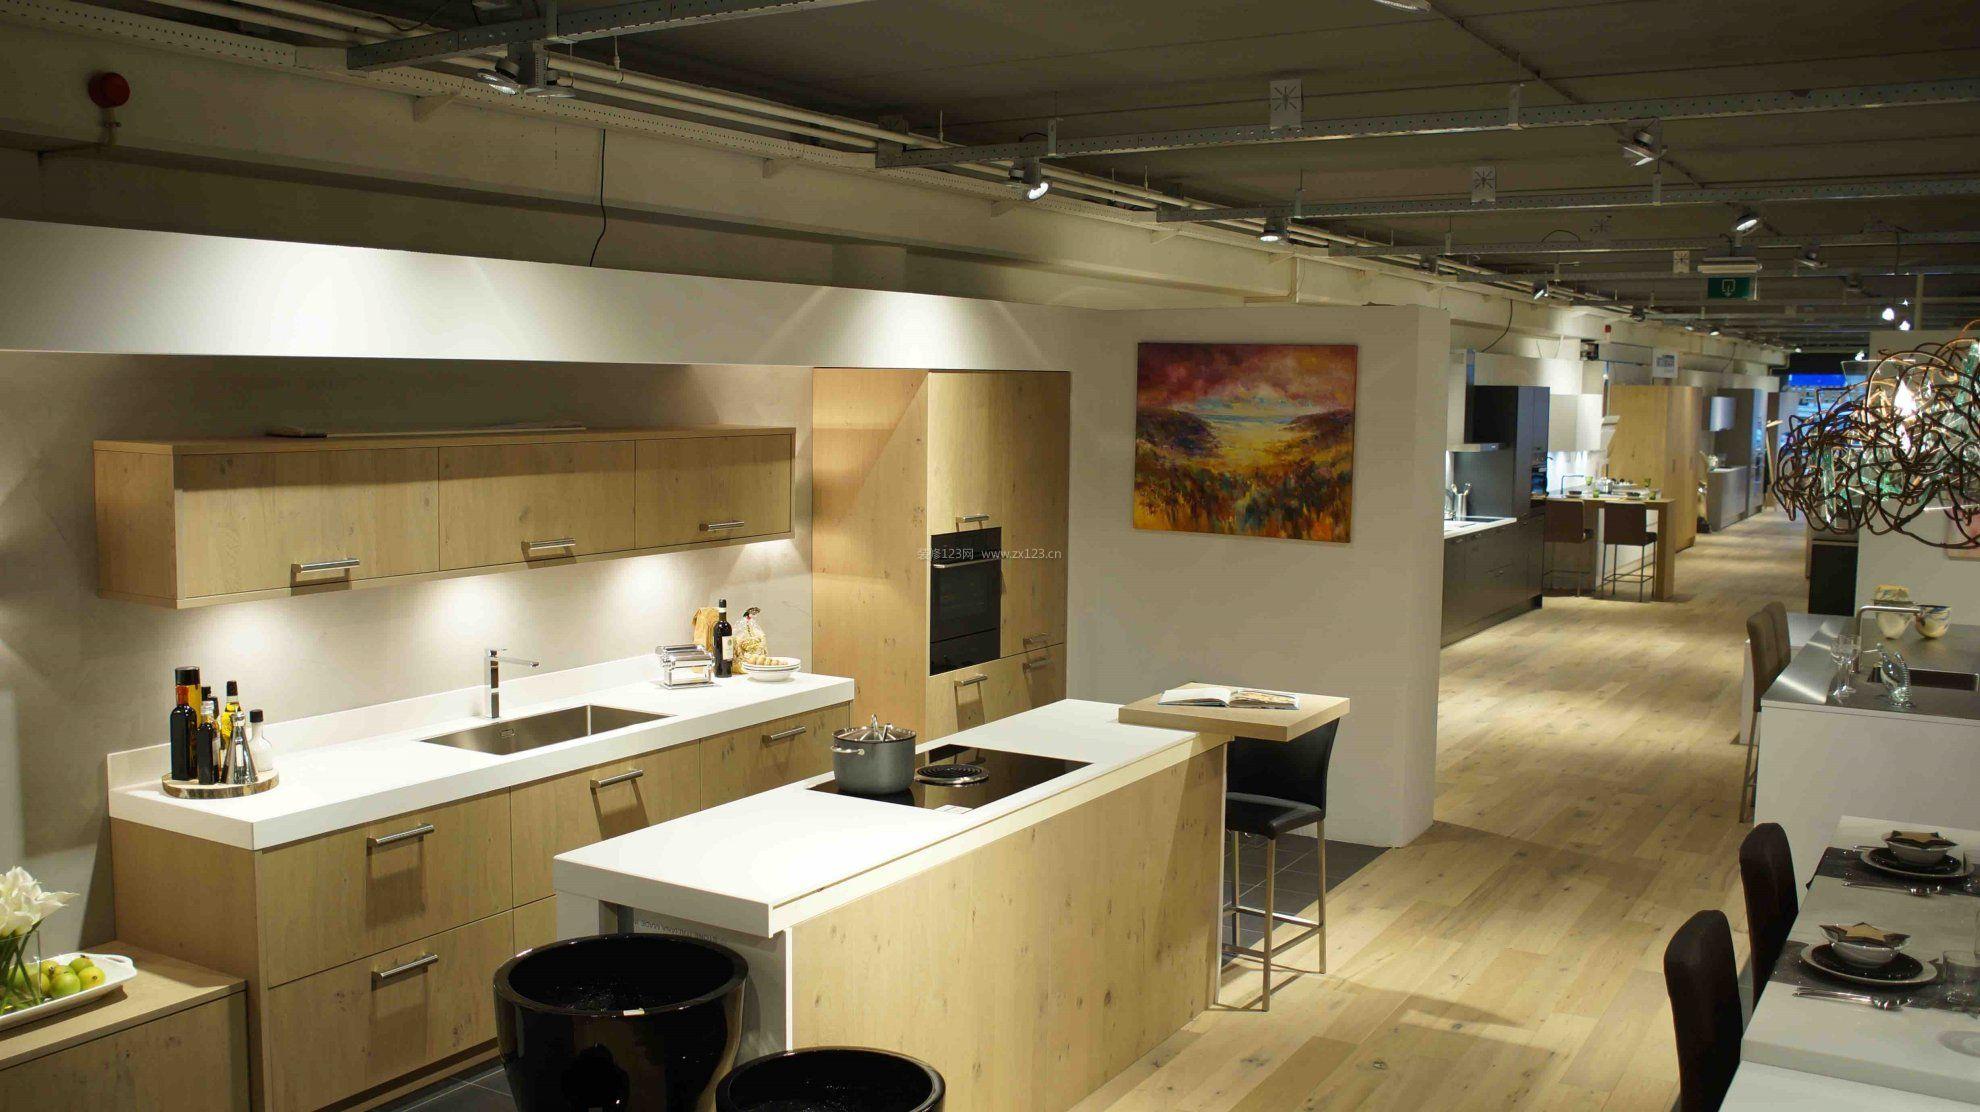 现代简约设计志邦橱柜展厅效果图图片